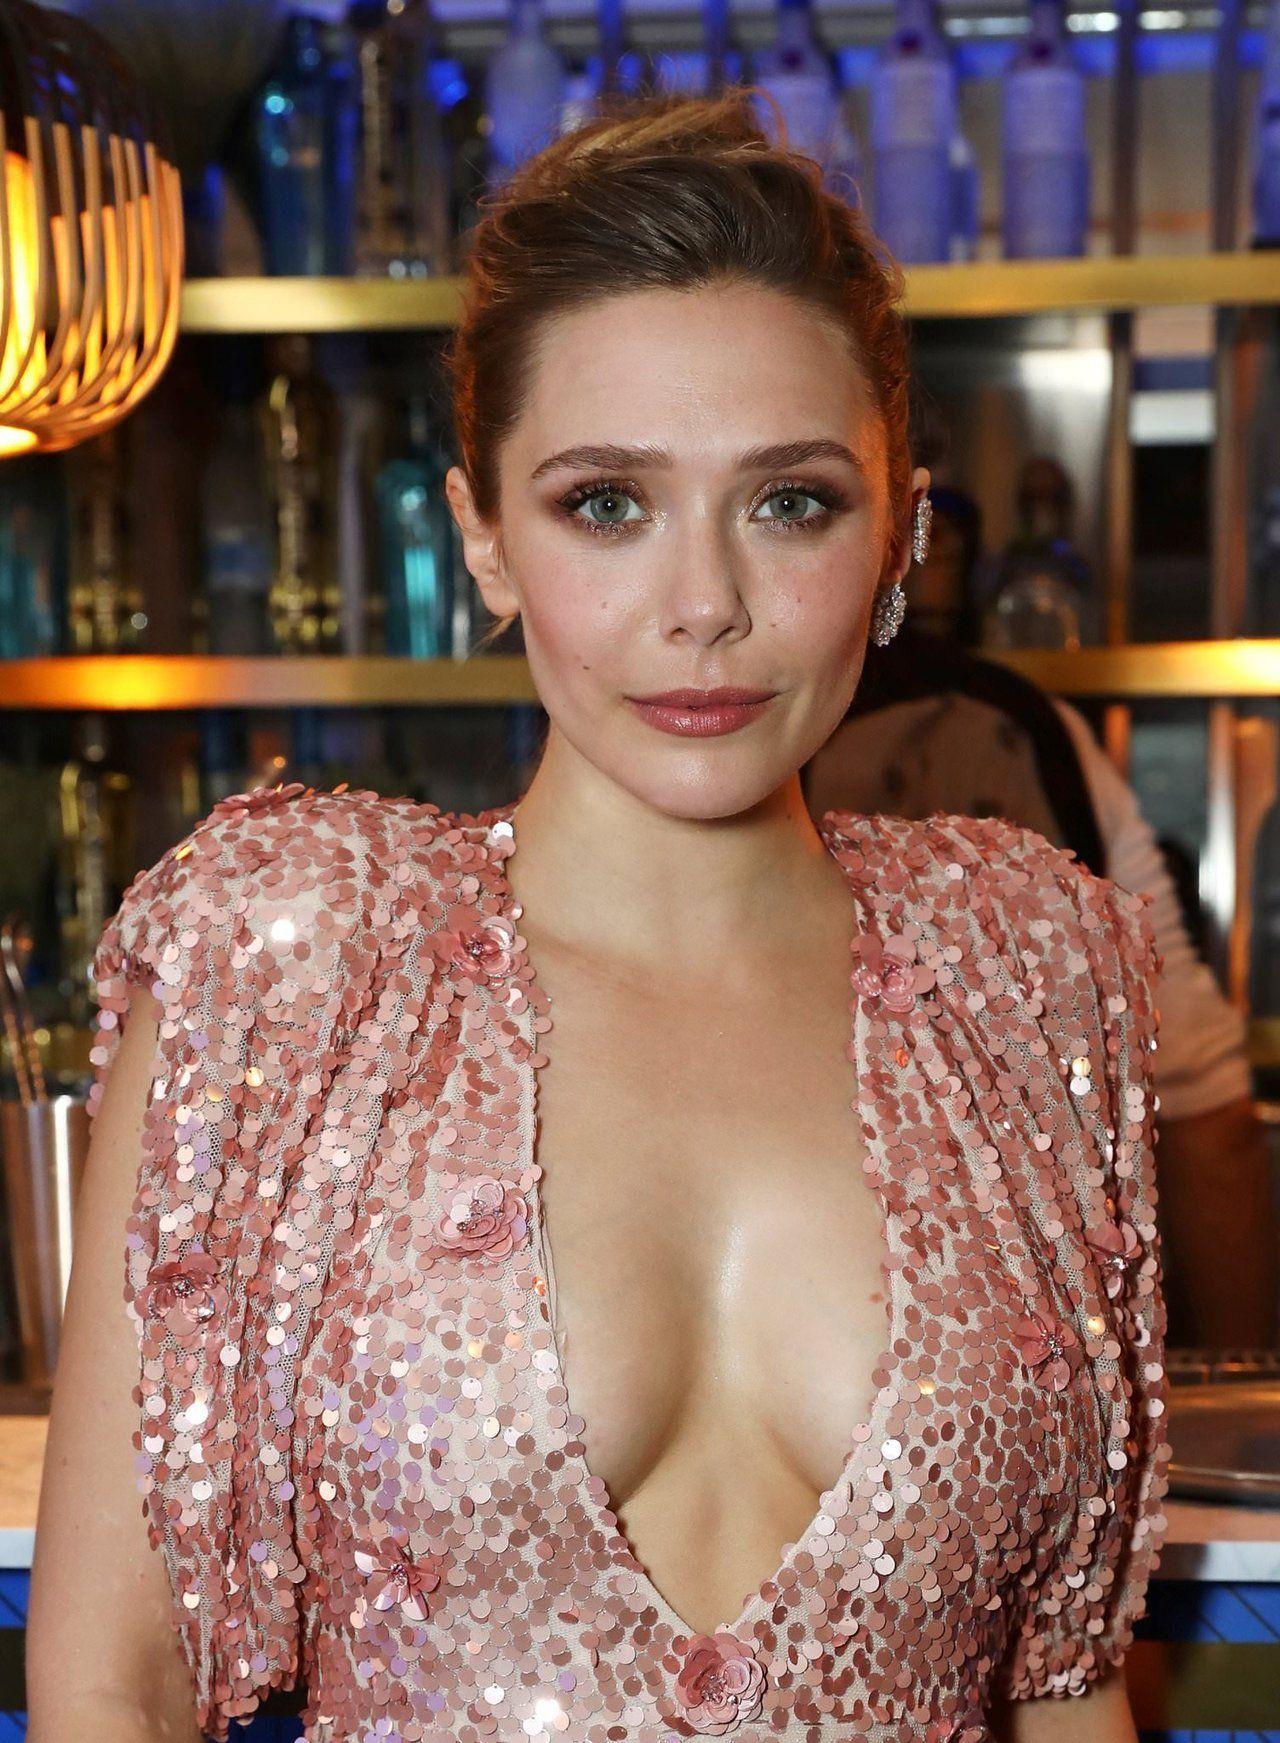 Cleavage Elizabeth Olsen nudes (25 photo), Sexy, Cleavage, Selfie, swimsuit 2017